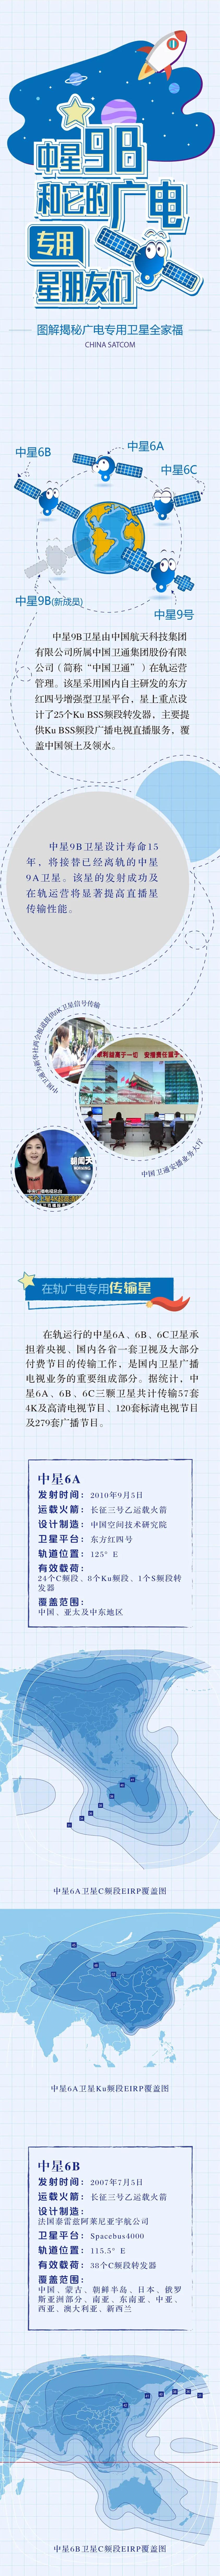 中星 9B 卫星成功发射,一图看懂同系列广电卫星